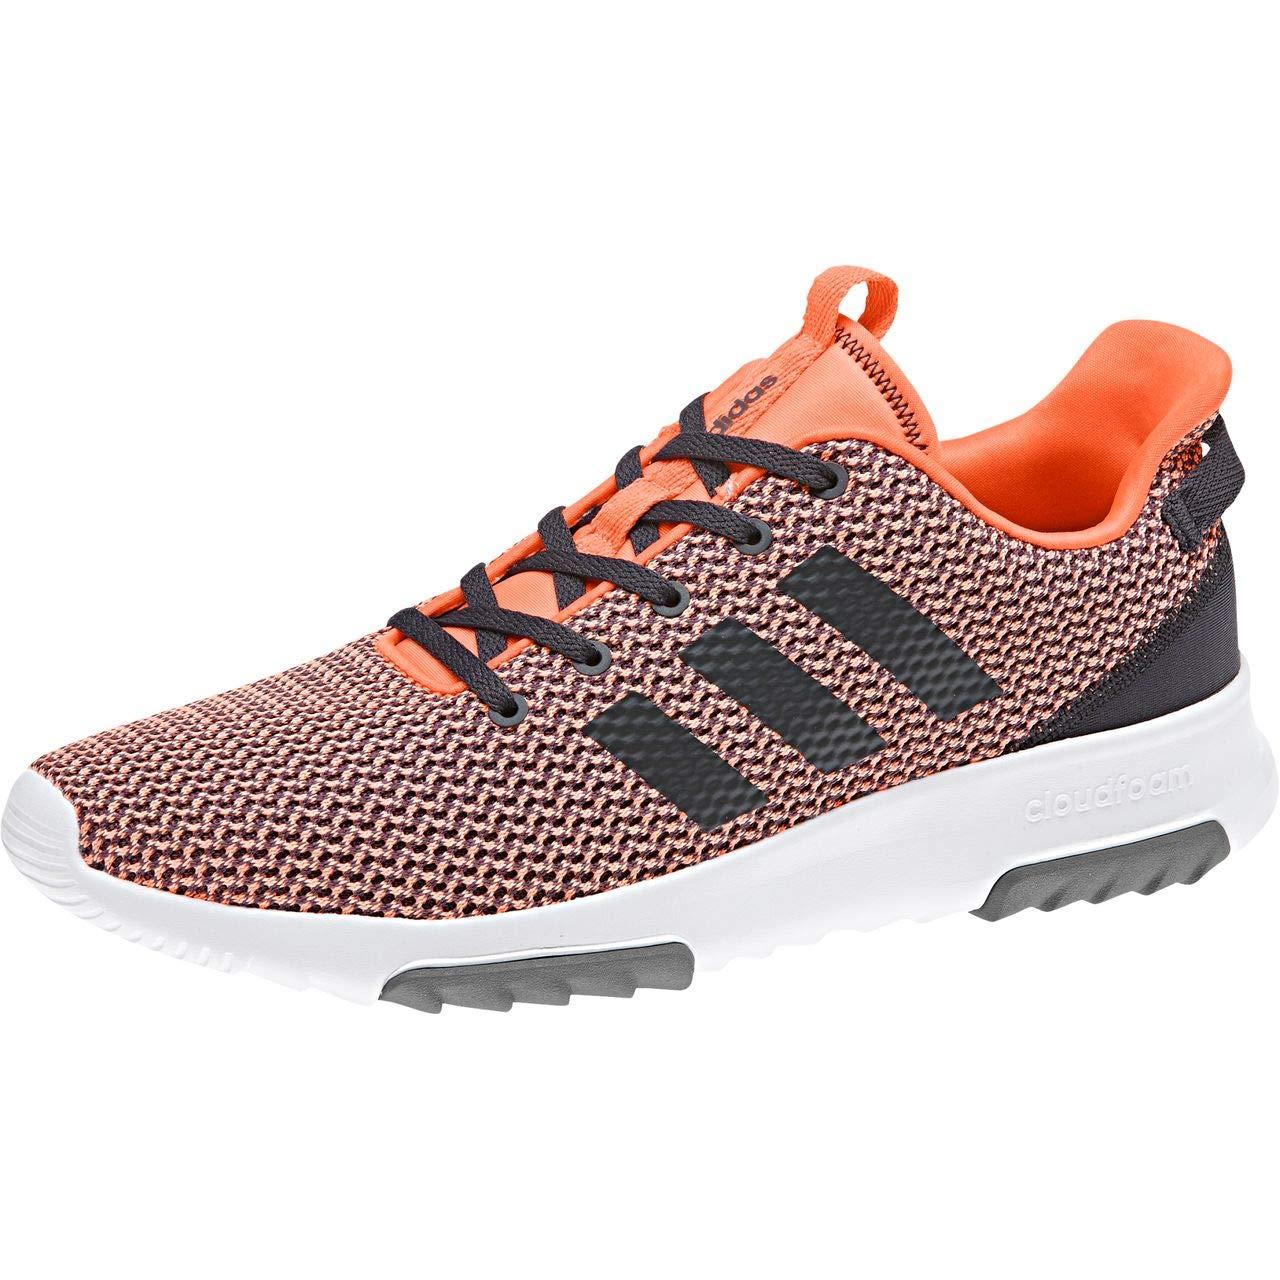 Adidas CF Racer TR, Zapatillas Zapatillas Zapatillas de Trail Running para Hombre 710e28